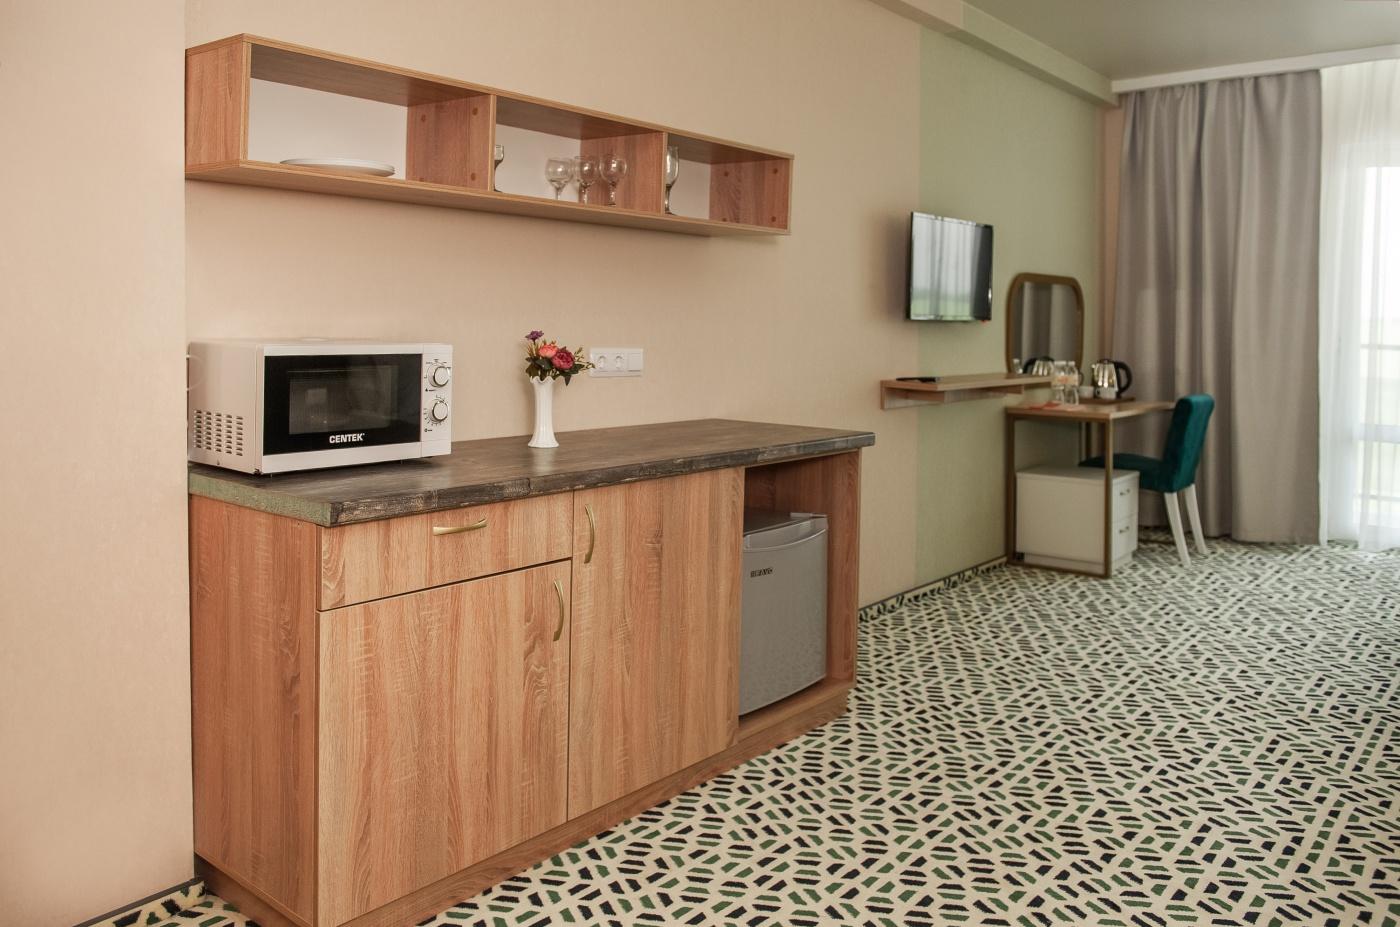 Отель «Aurum Family Resort & Spa» Краснодарский край Junior suite 2-местный , фото 7